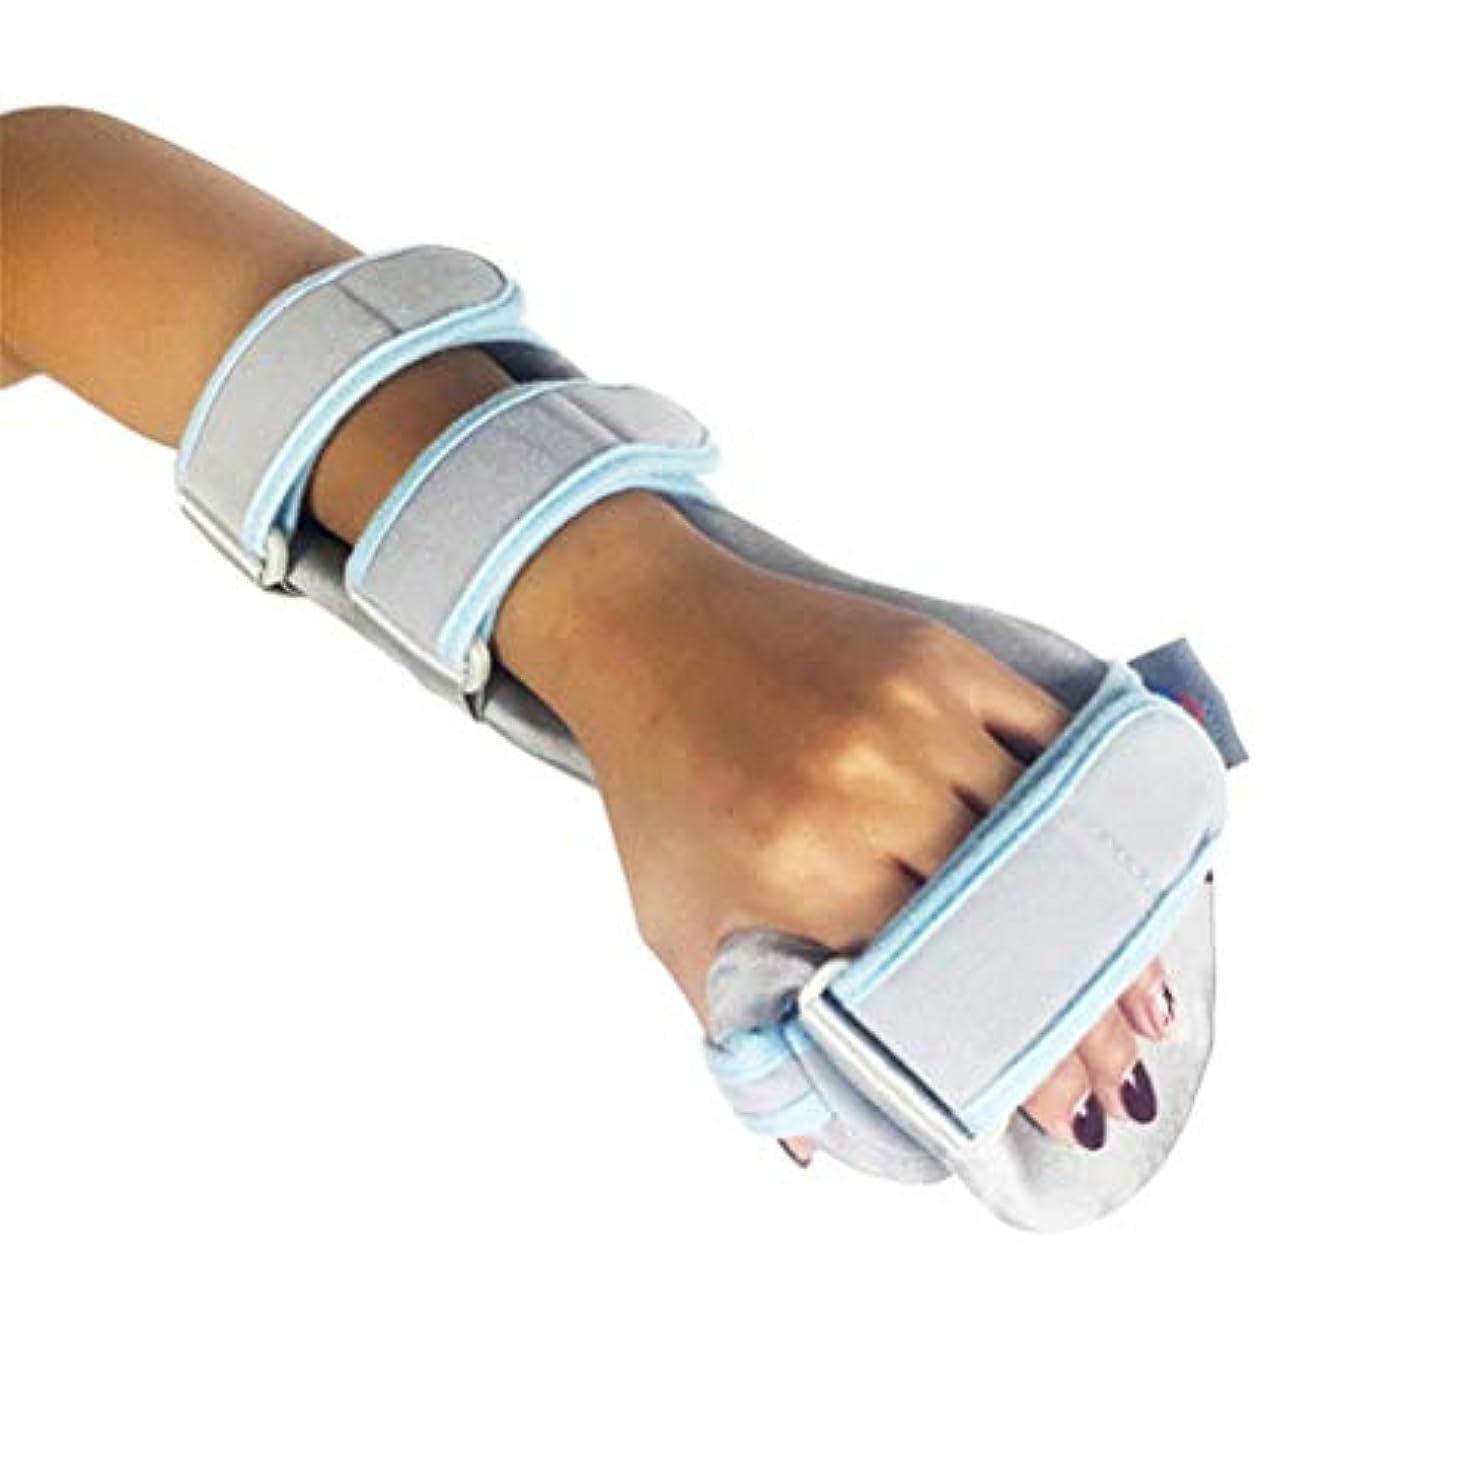 とてもそう決定するHEALIFTY 指スプリントフィンガー手首骨折固定足場用腱腱炎腱炎骨折関節炎転位(右手)